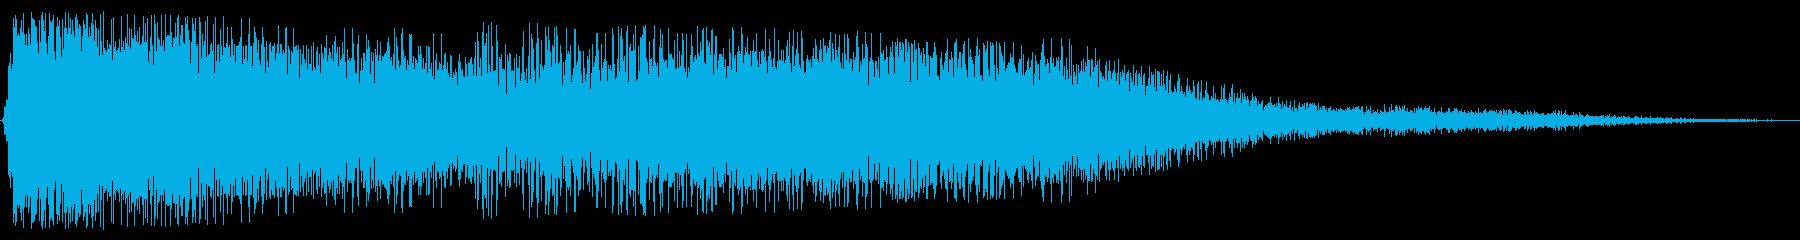 パワーブラストエンハンサーウーシュの再生済みの波形